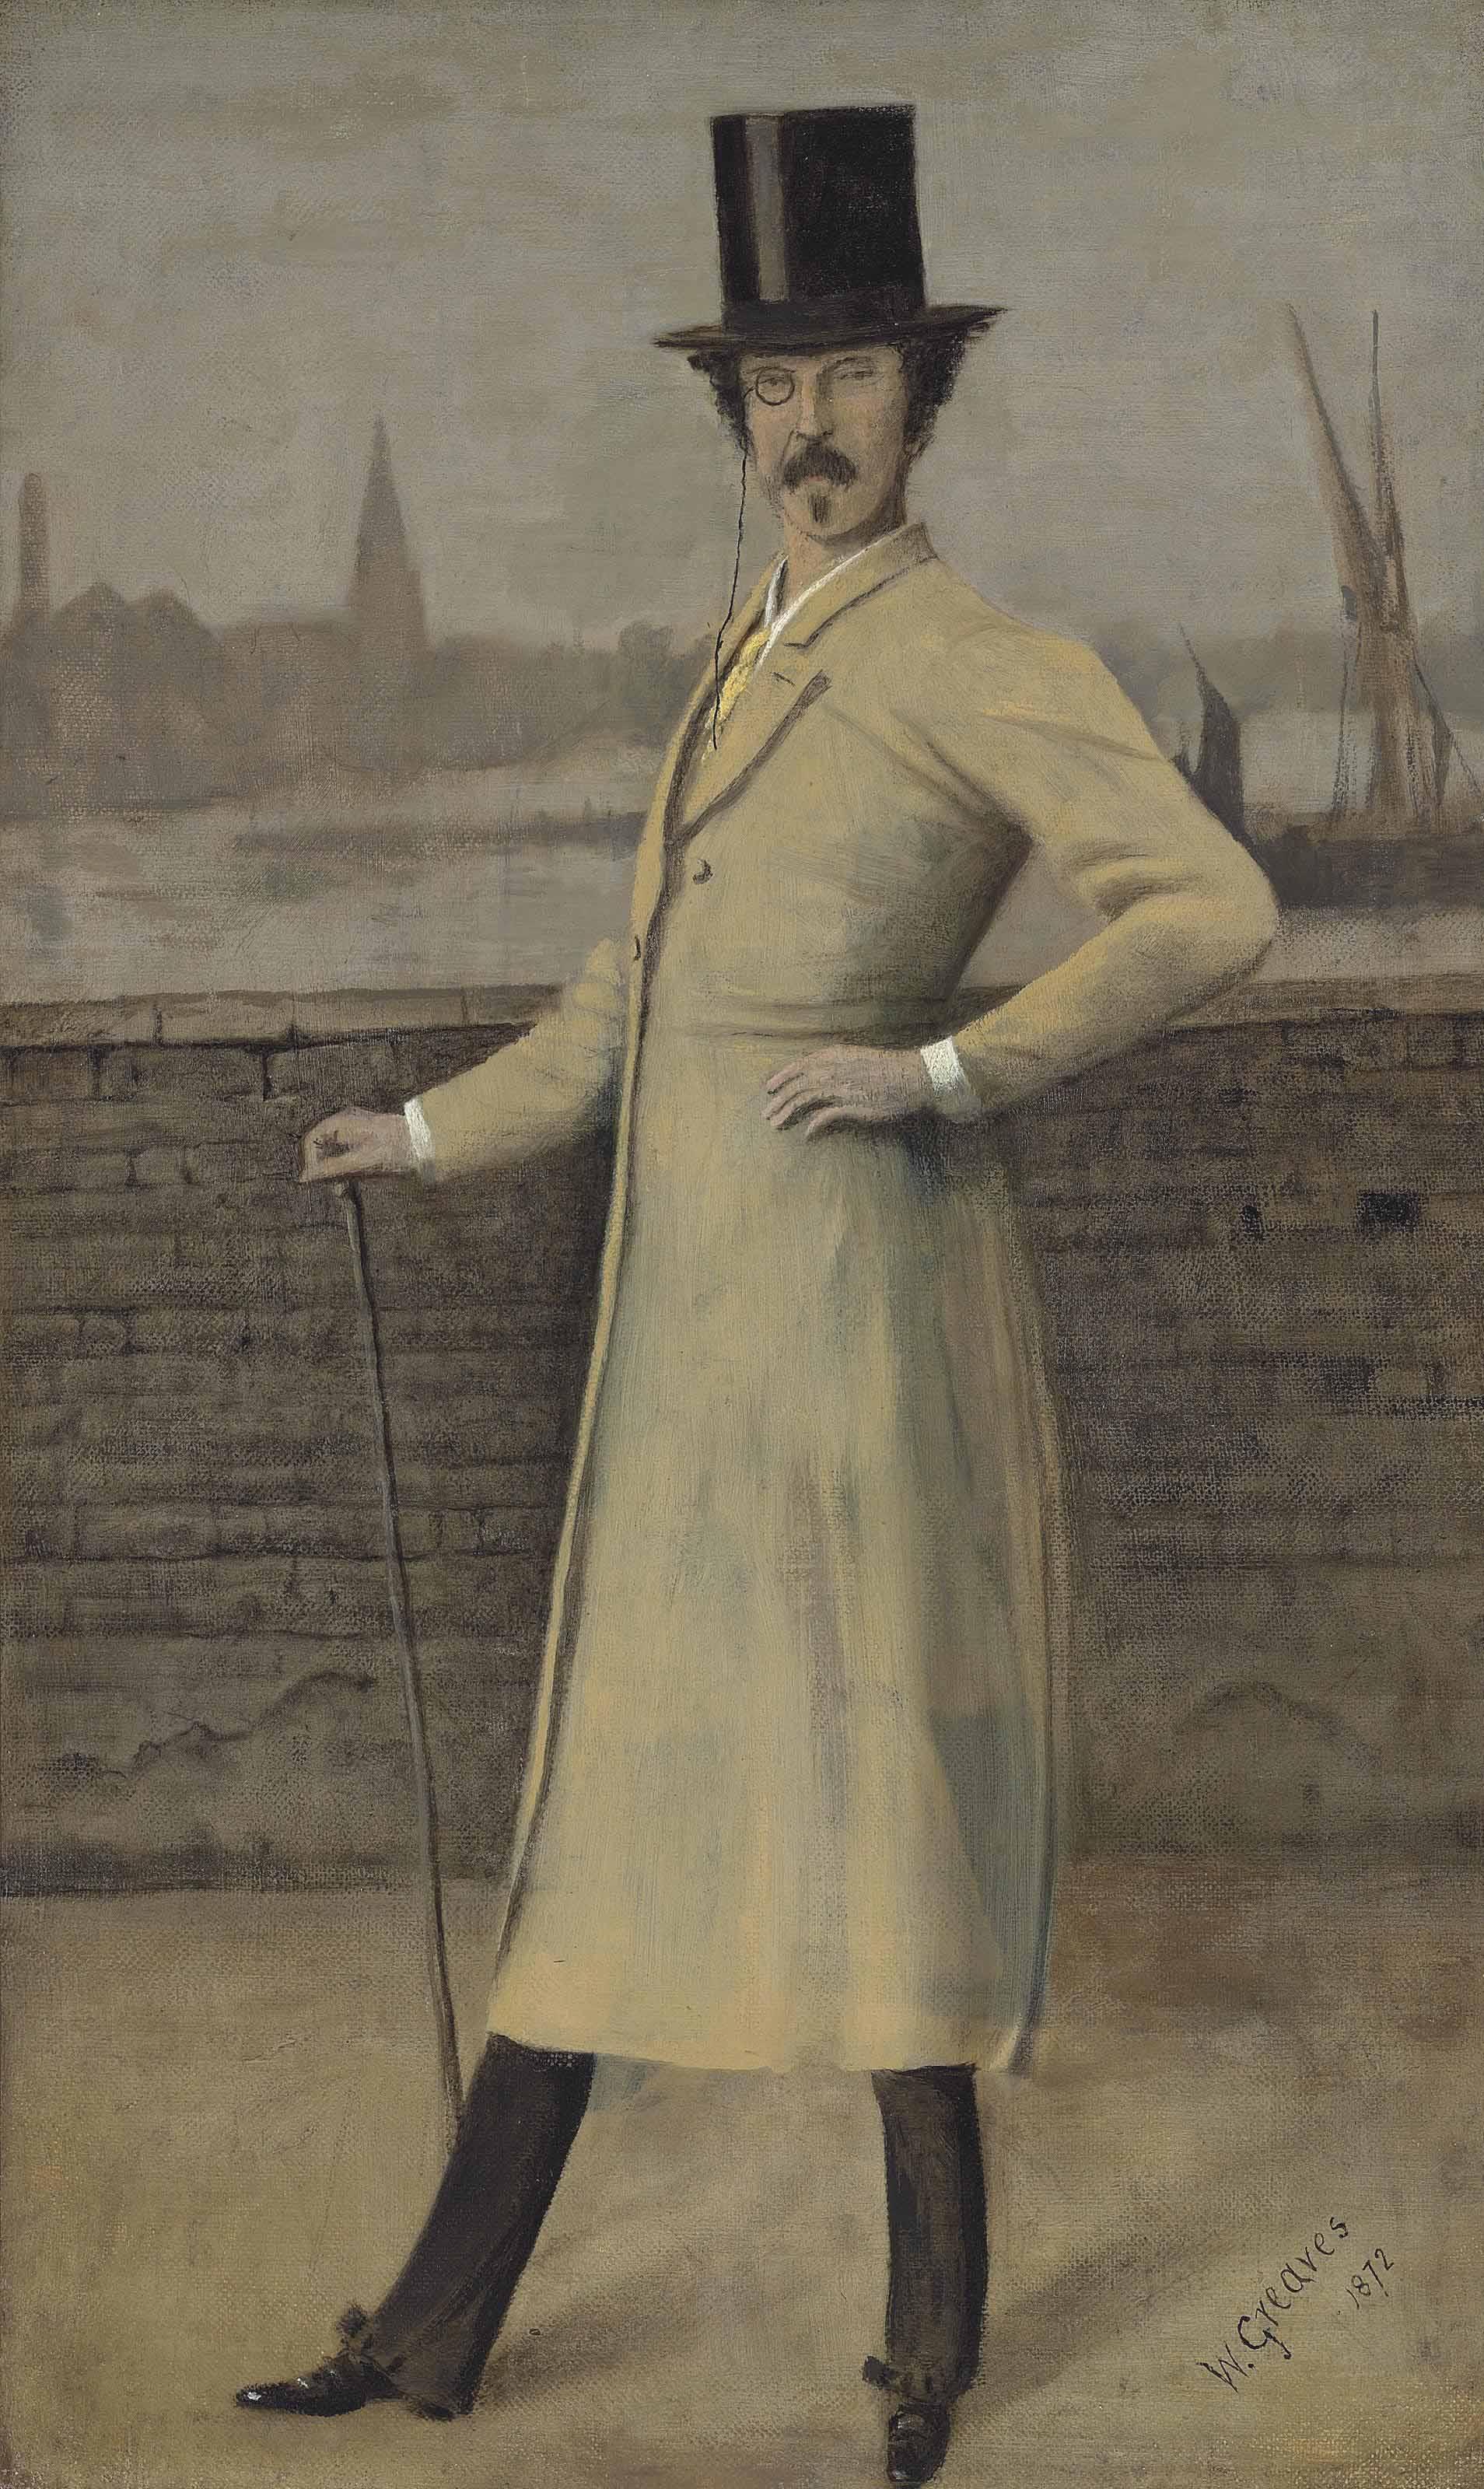 Portrait of James McNeill Whistler, standing, full-length